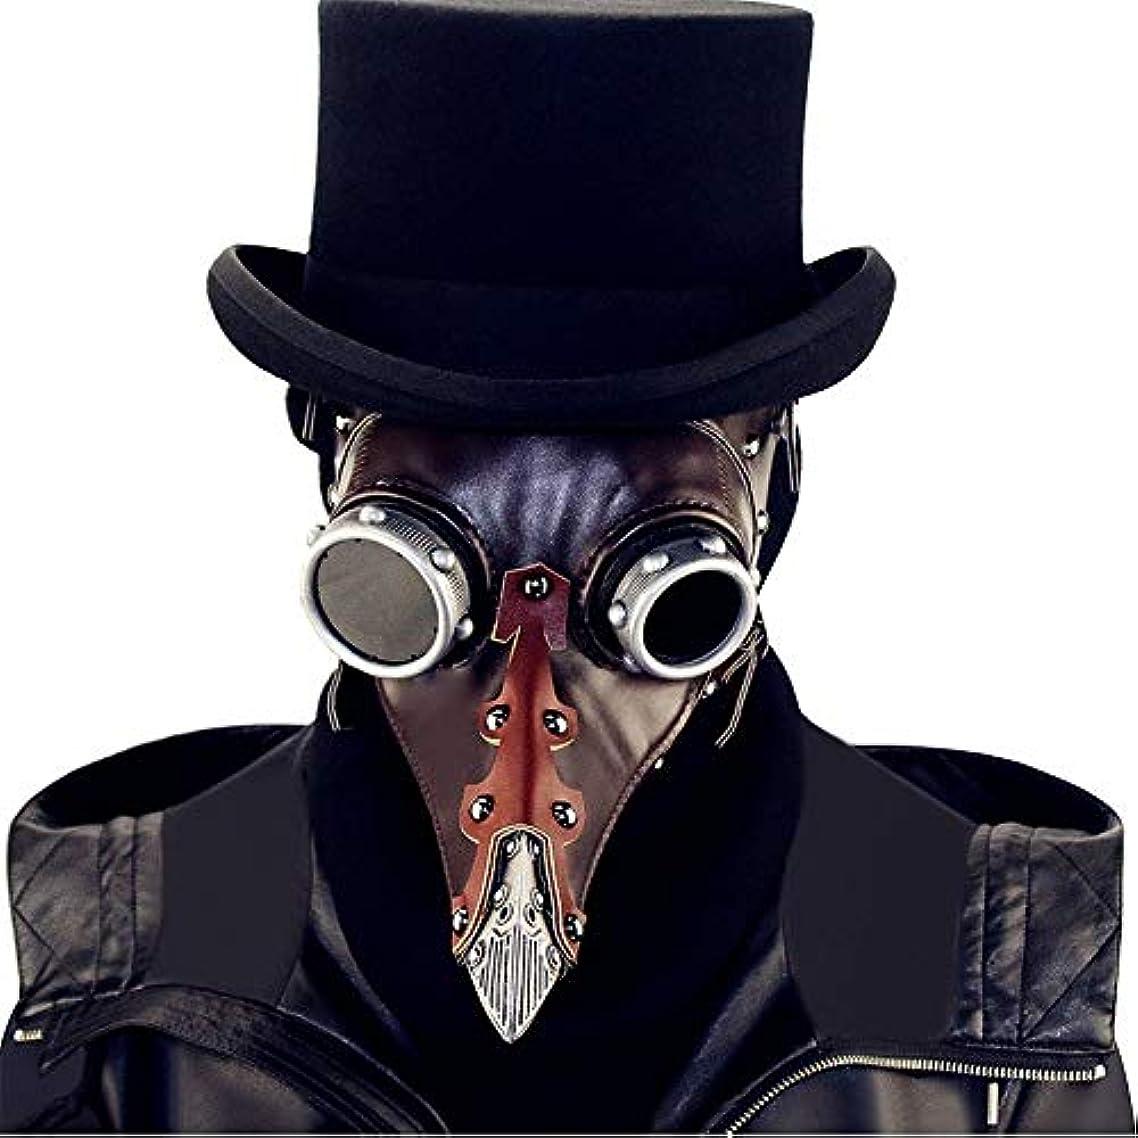 世界の窓モニカファンスチームパンクなハロウィーンペストビークドクターマスク